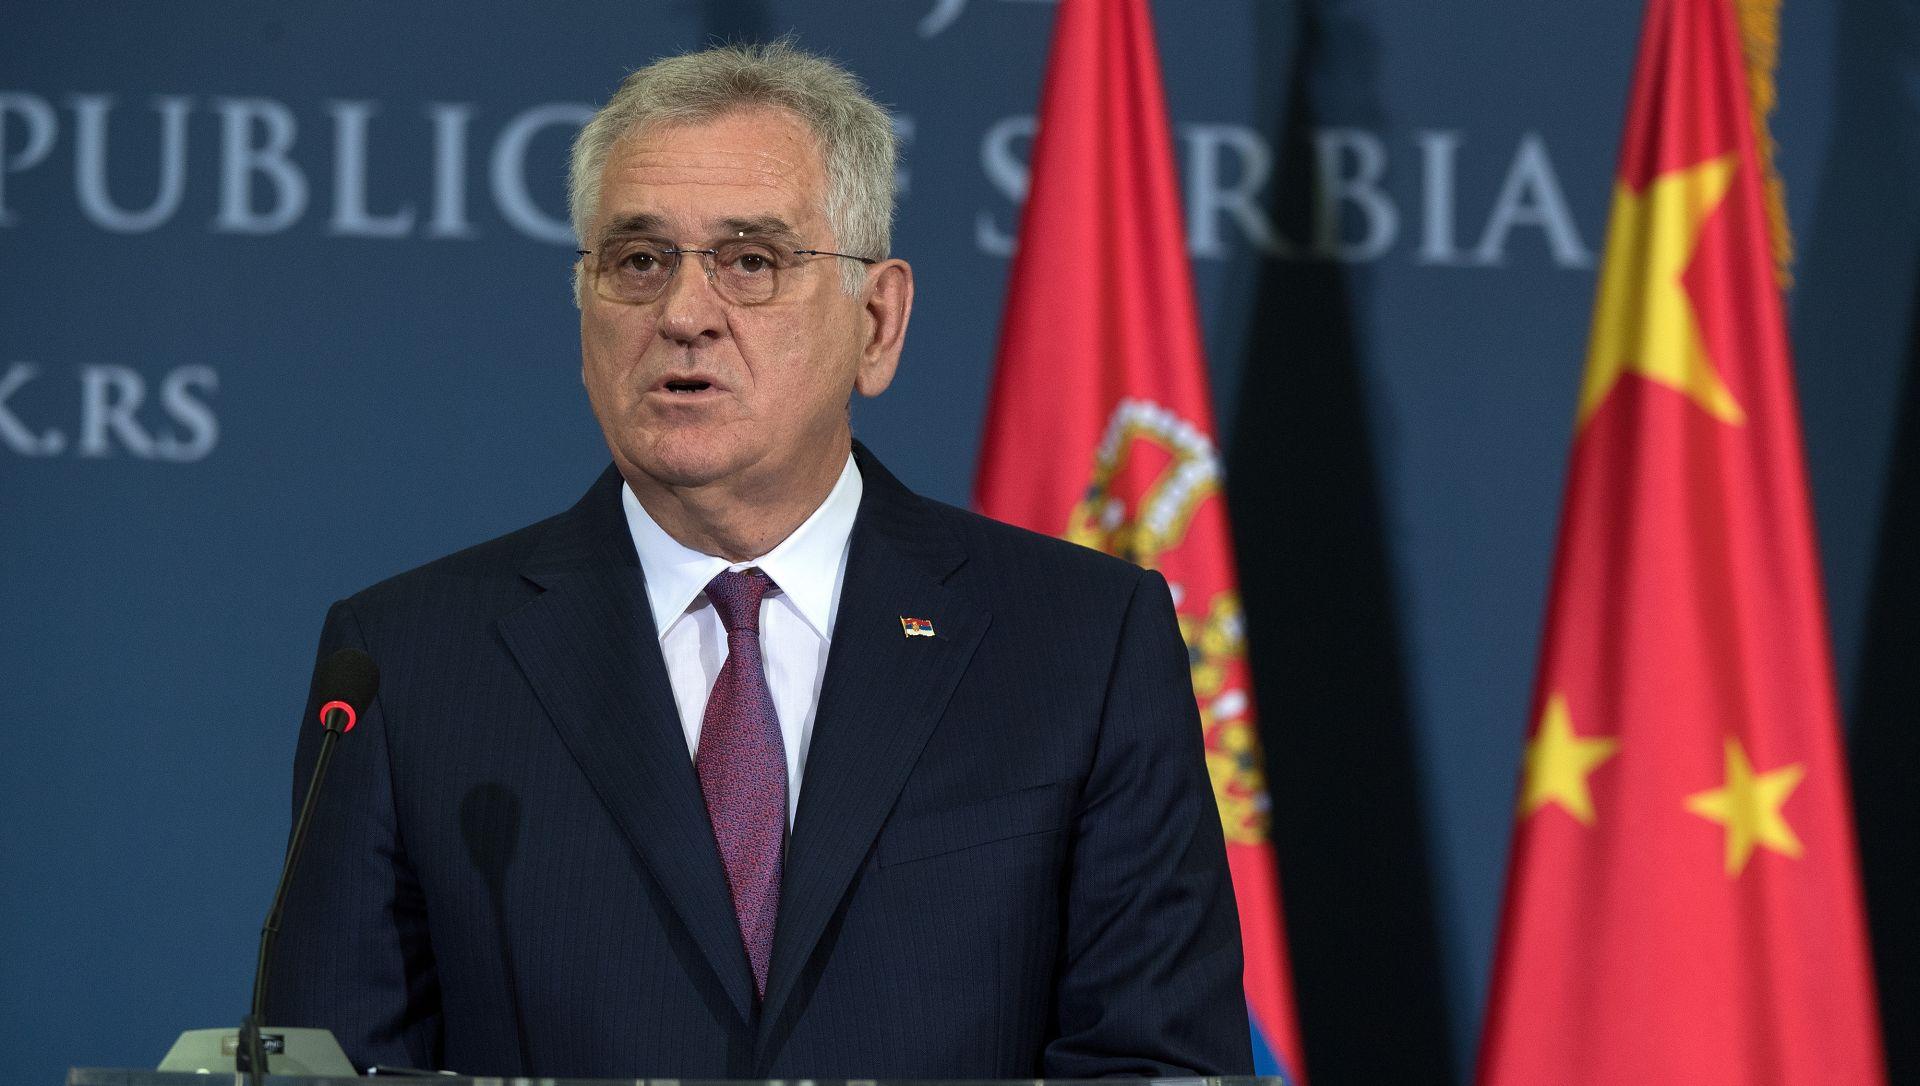 """Nikolić smatra """"neprihvatljivim"""" da Hrvatska blokira Srbiju"""